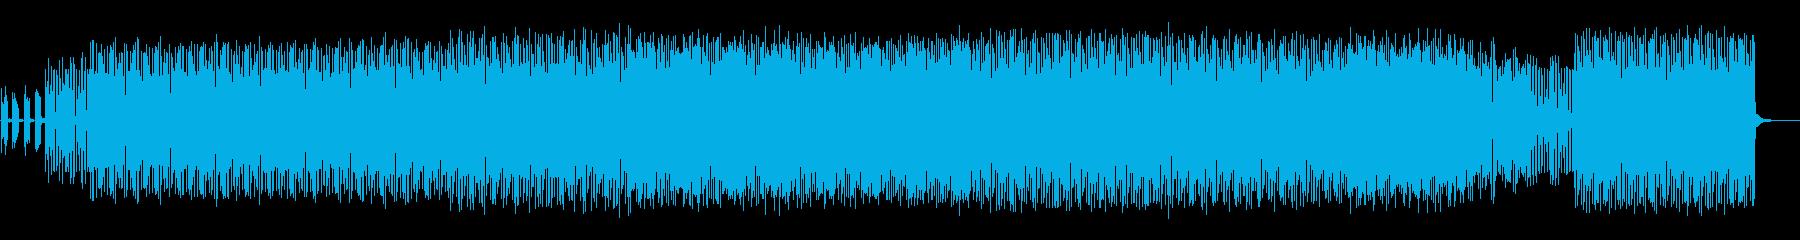 電脳的で近未来風のテクノの再生済みの波形